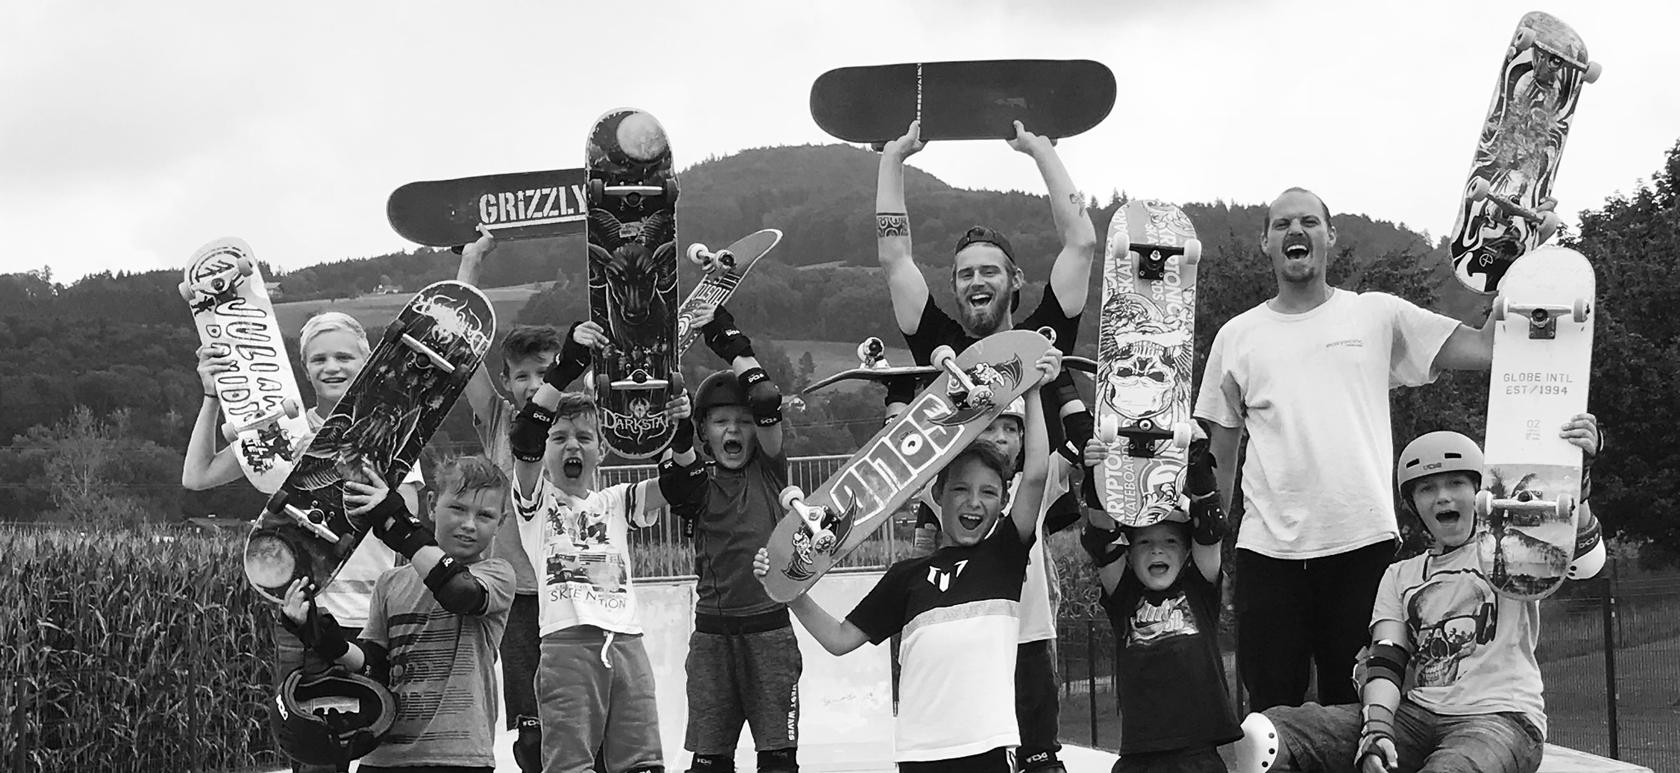 Kinder mit Skateboard